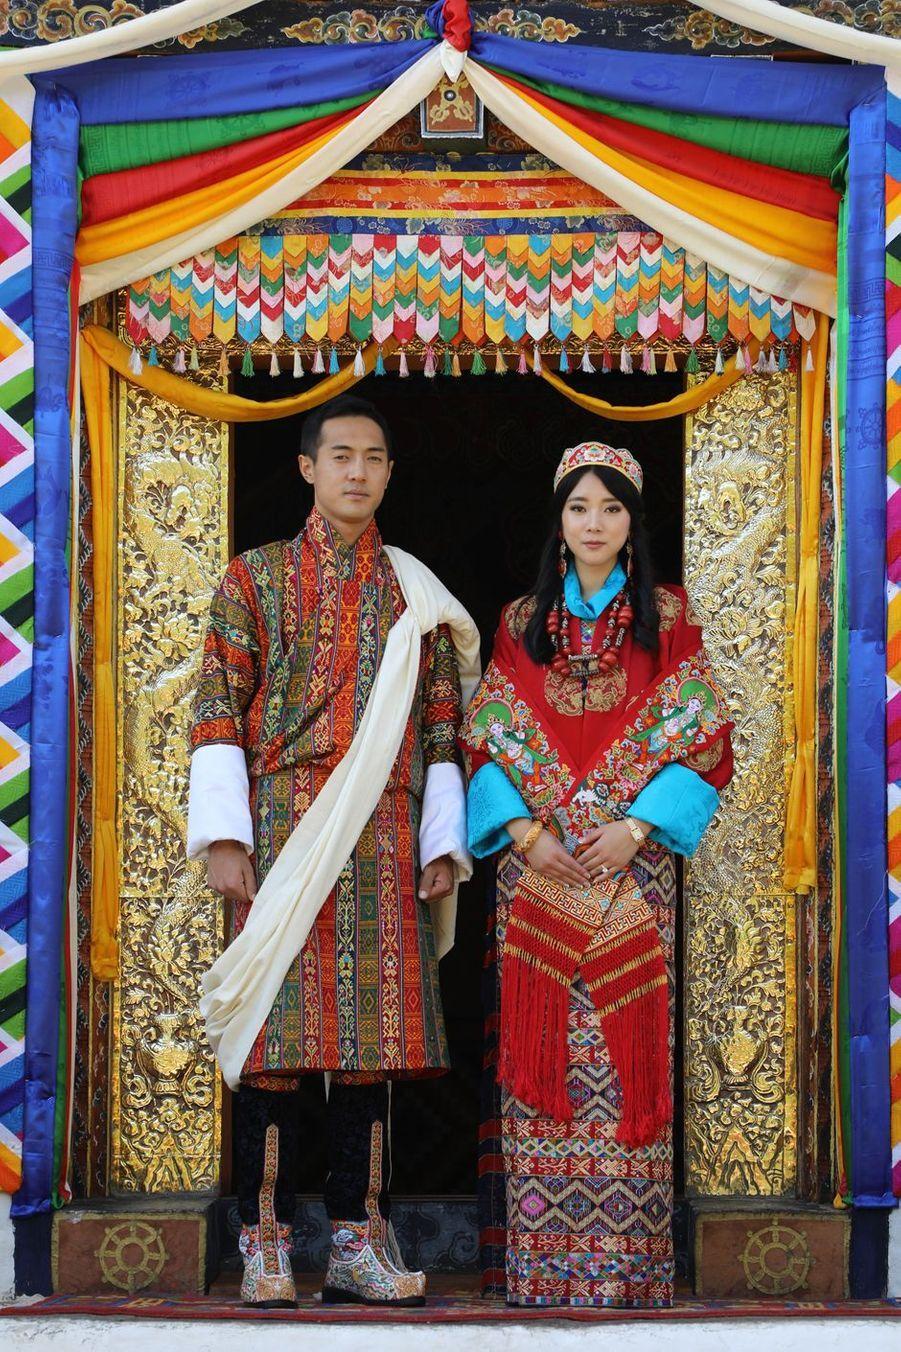 L'une des deux photos officielles du mariage de la princesse Eeuphelma Choden Wangchuck et de Dasho Thinlay Norbu, le 29 octobre 2020 à Thimphu